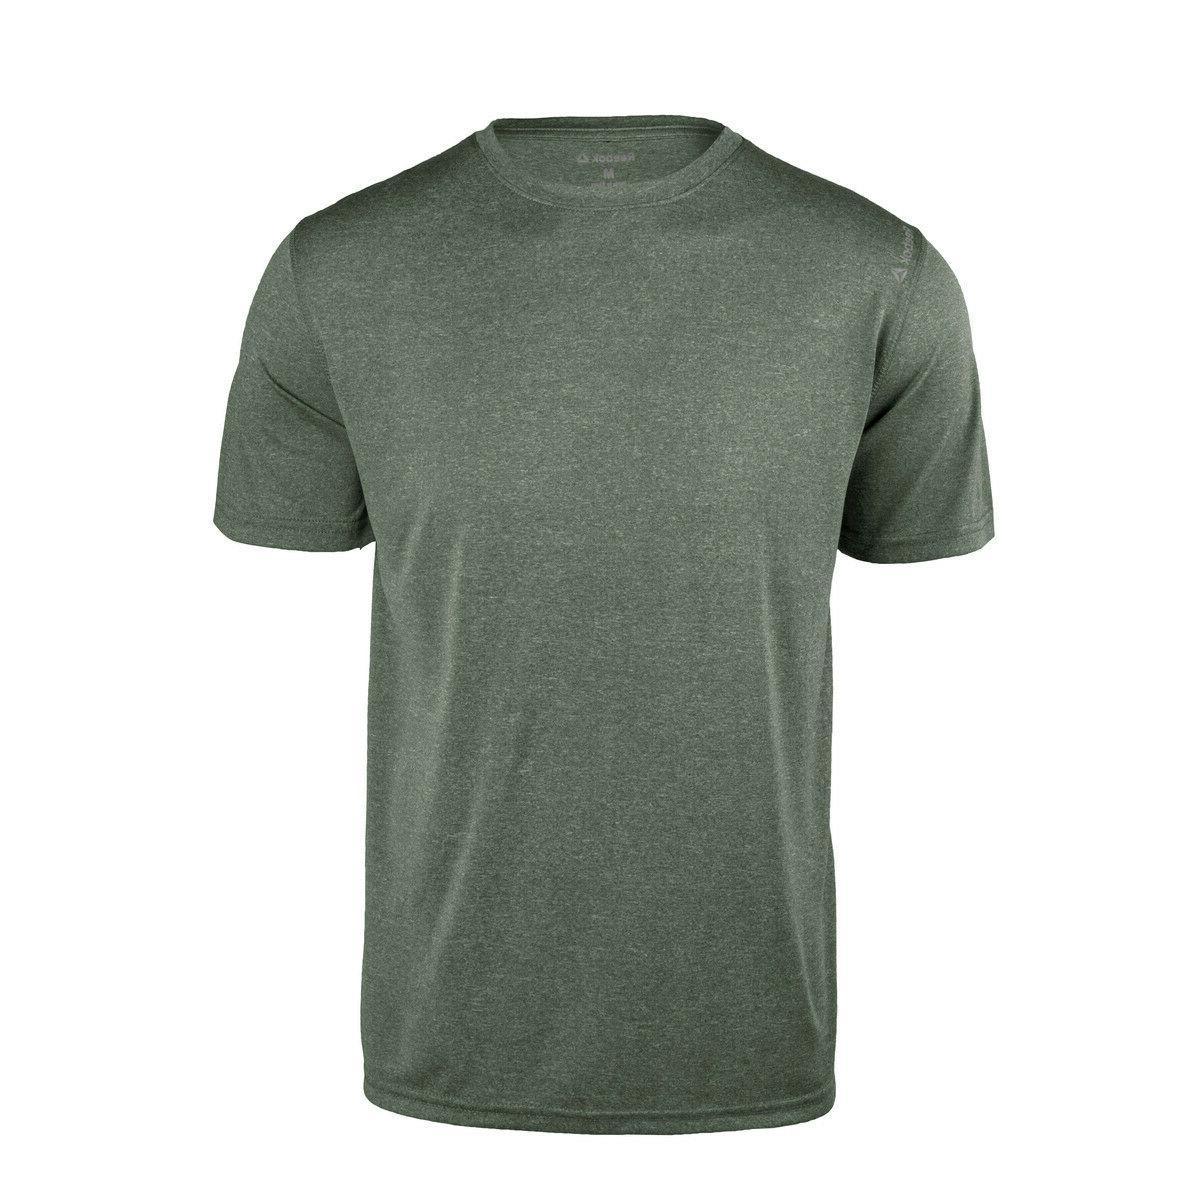 Reebok dri-fit T-shirt Gym S-3XL, 4XL Sport